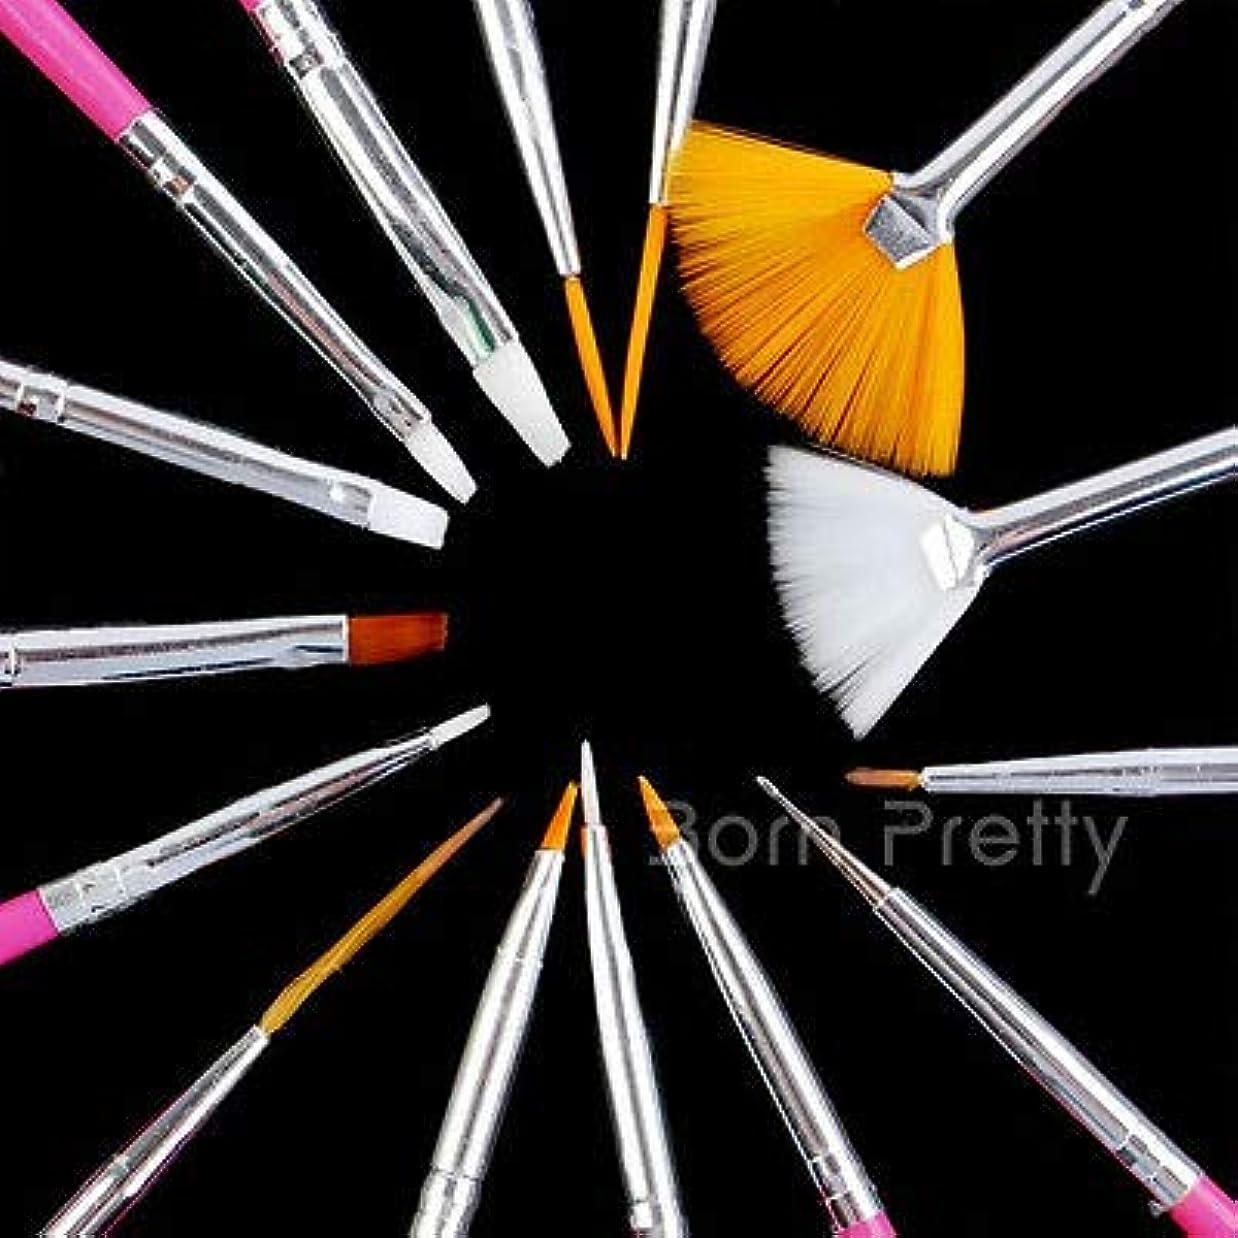 太字太字燃やすFidgetGear 15本/セットピンクネイルアートデザインブラシ点描絵画デッサンライナーペン